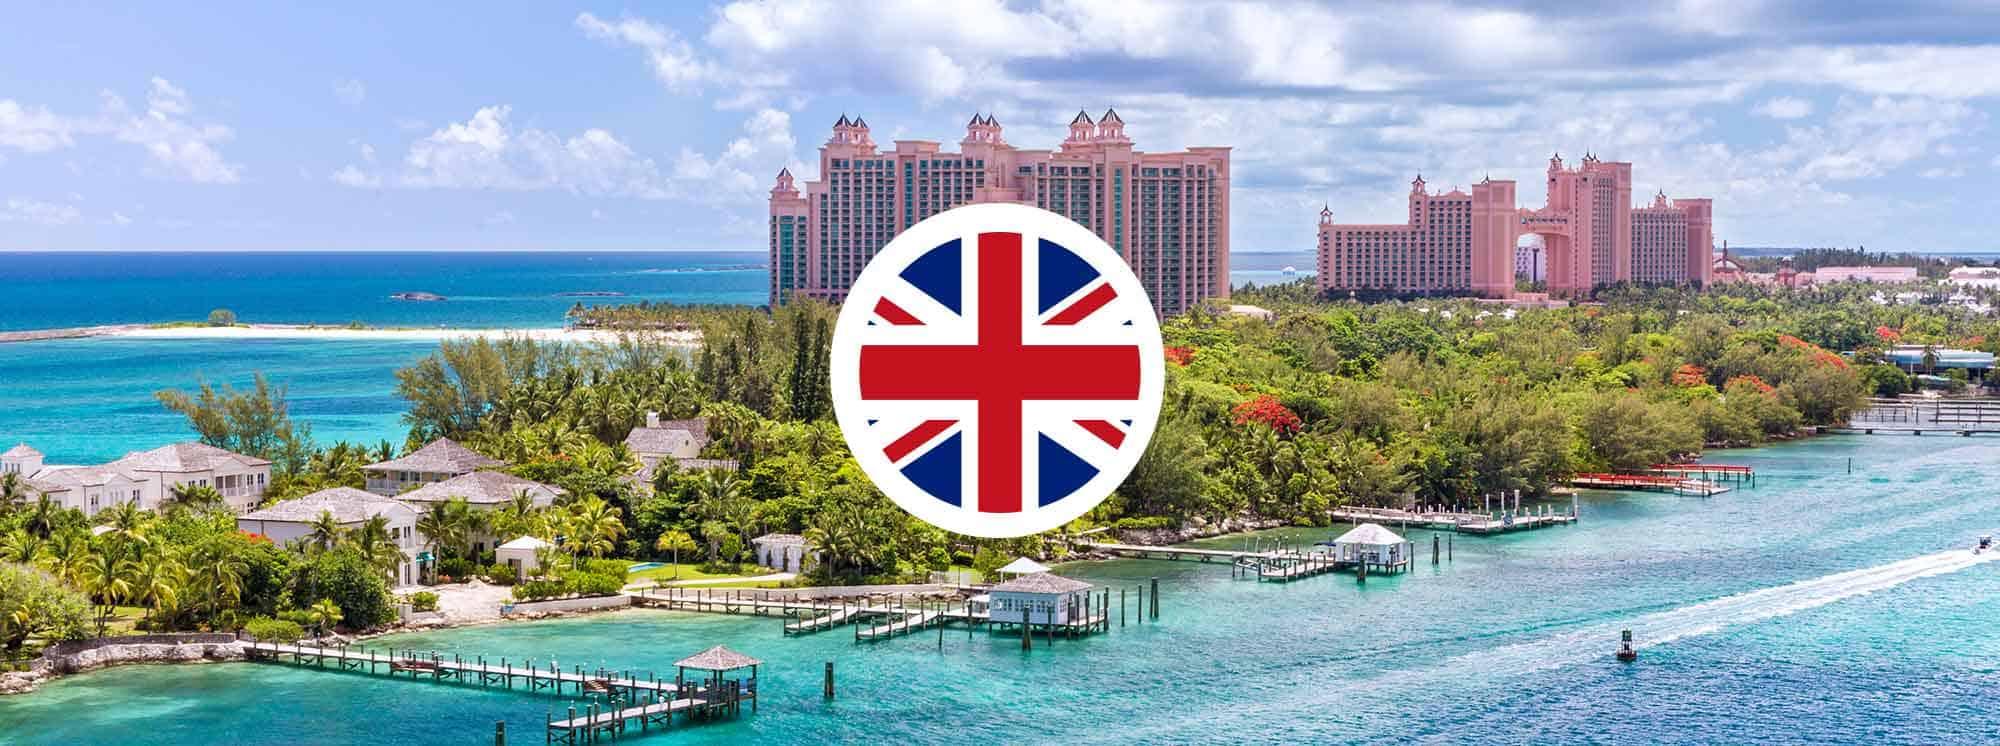 Le migliori scuole britanniche a Le Bahamas